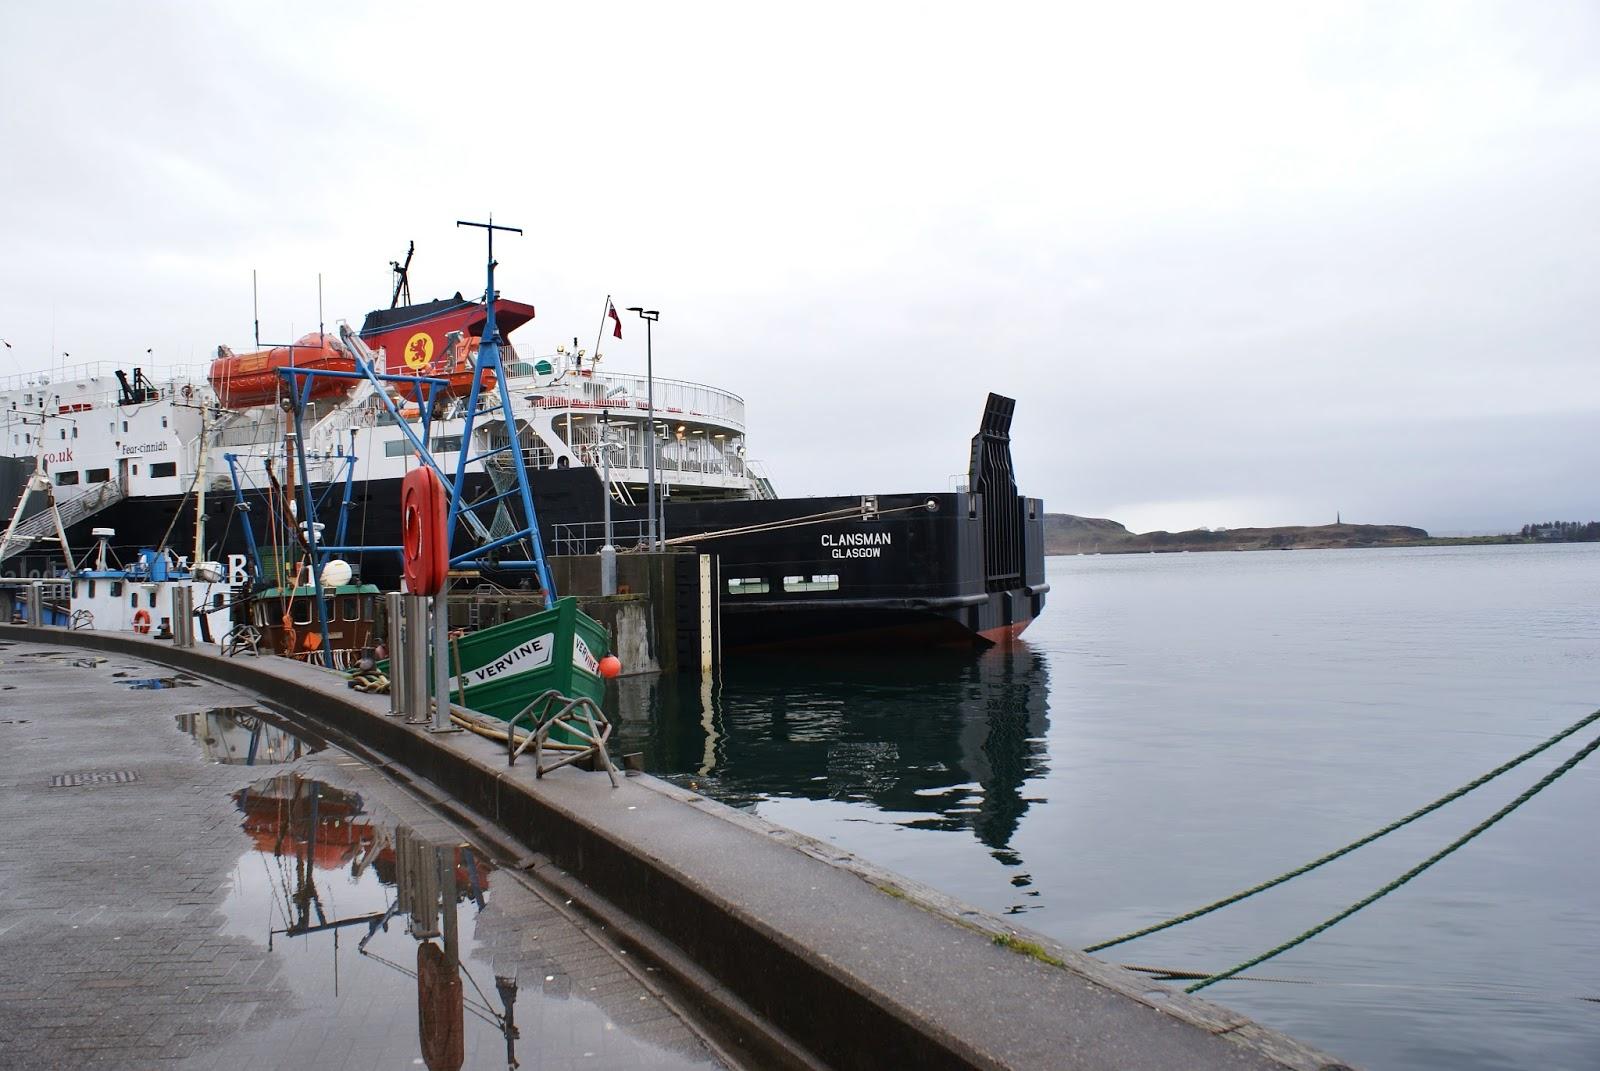 boat oban argyll highlands scotland uk great britain camomille blend